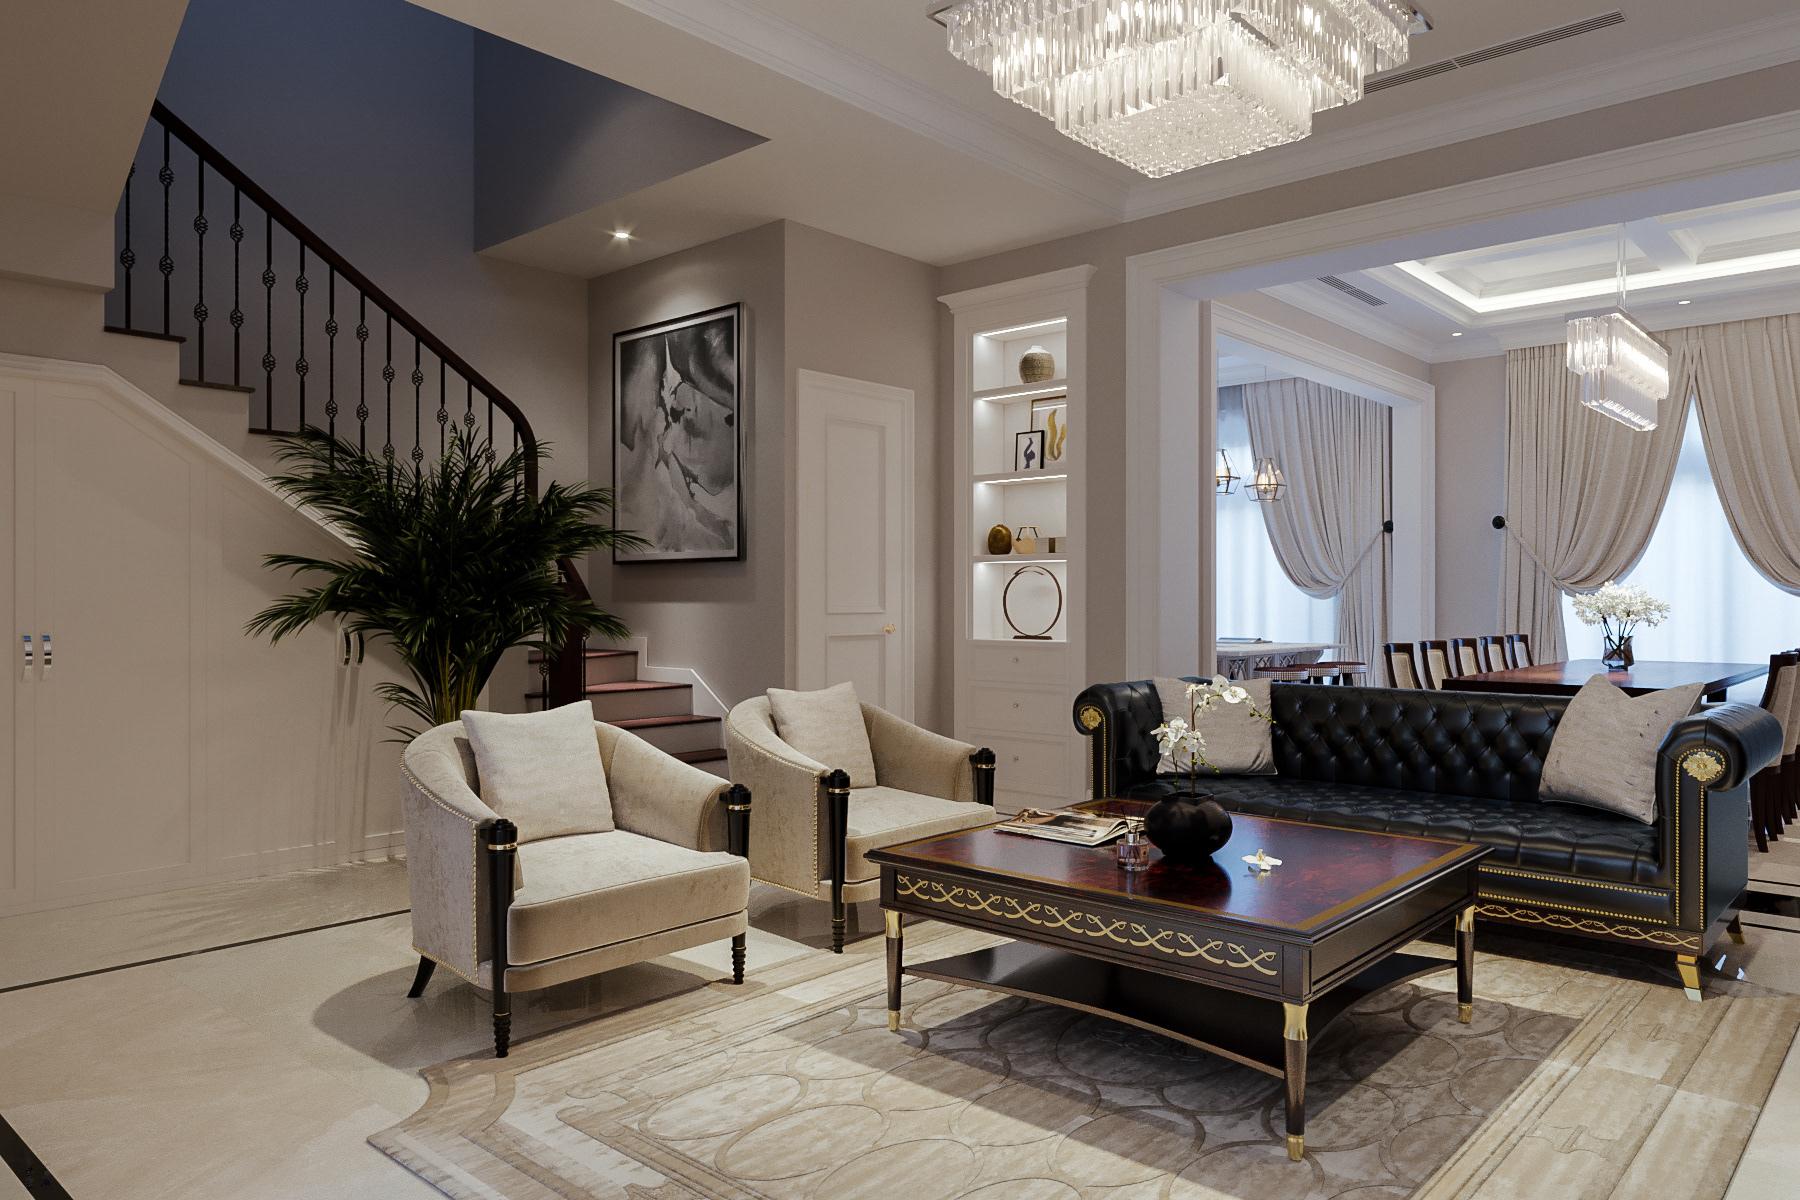 thiết kế nội thất chung cư tại Hà Nội CĂN HỘ TÂN CỔ ĐIỂN SANG TRỌNG VINHOME RIVERSIDE 3 1533269363